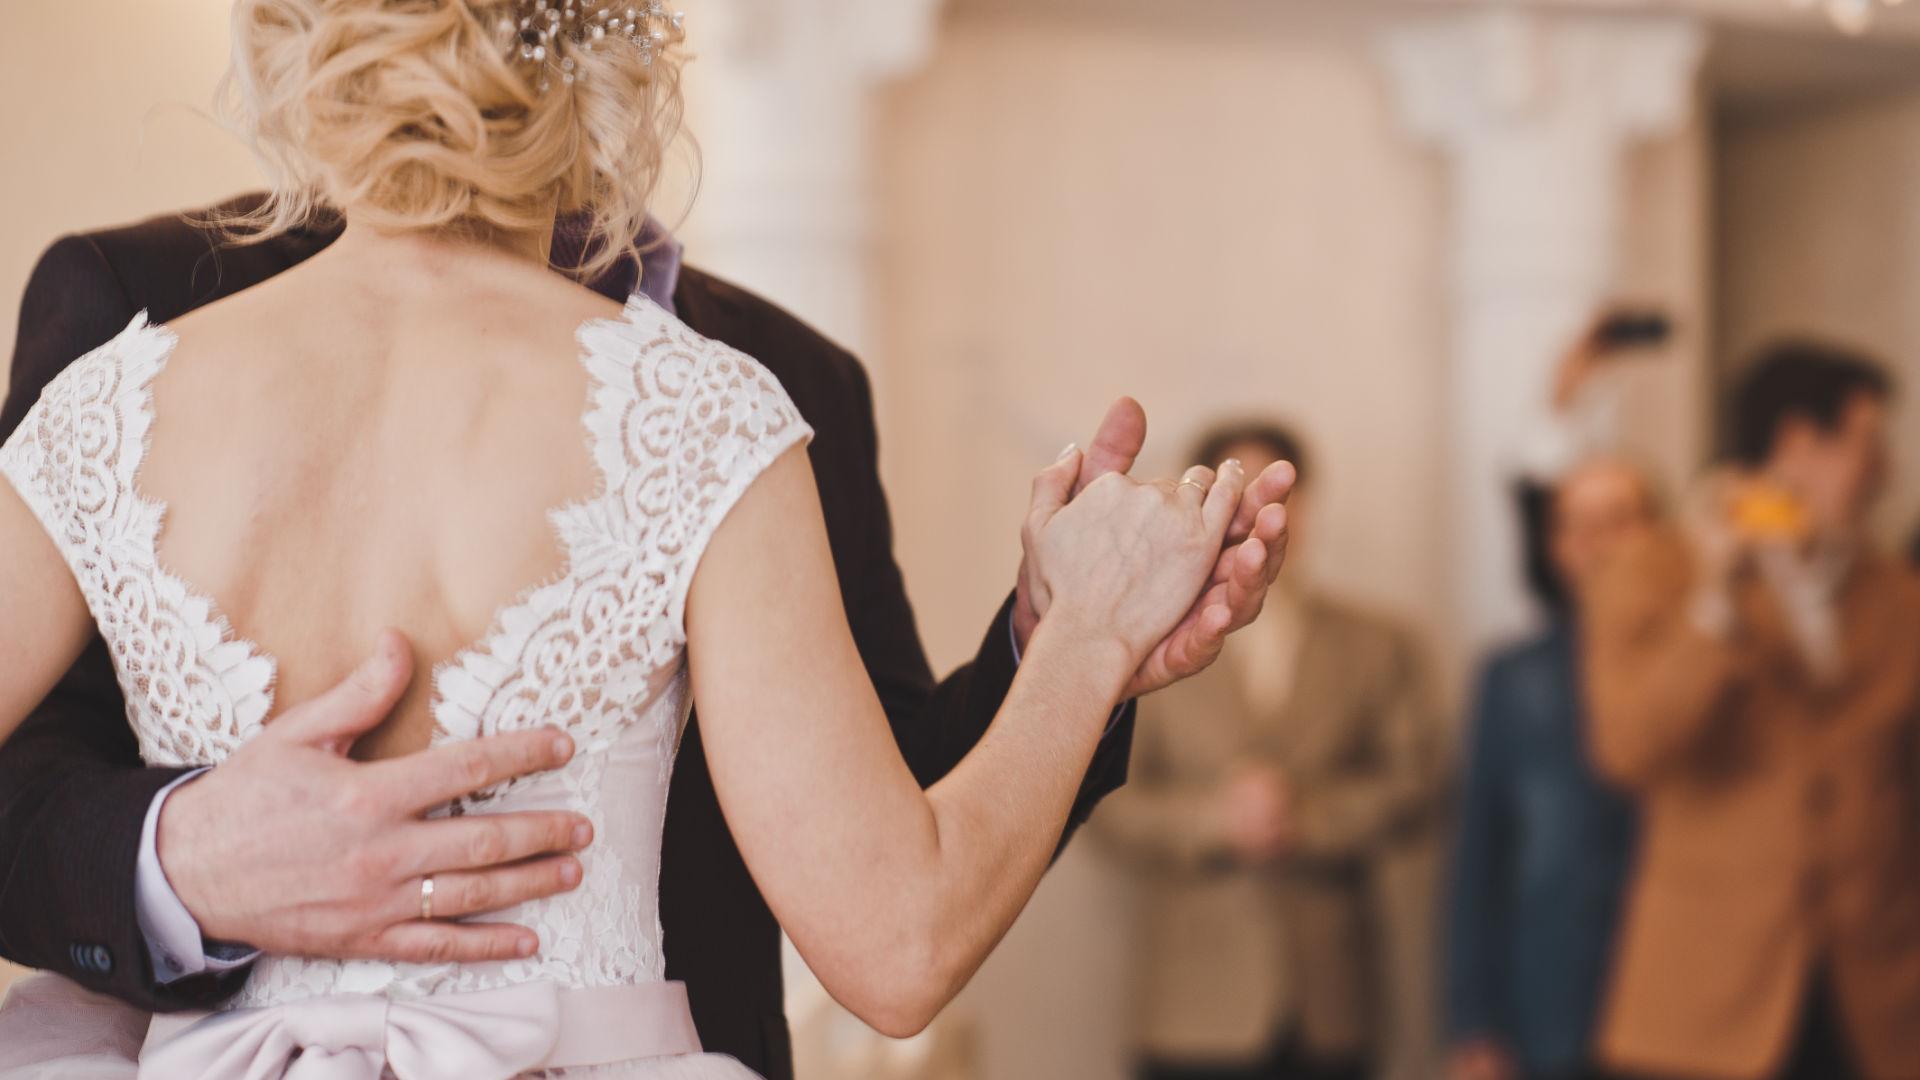 Tanzschule Daniel Kara - Hochzeitstanzkurs